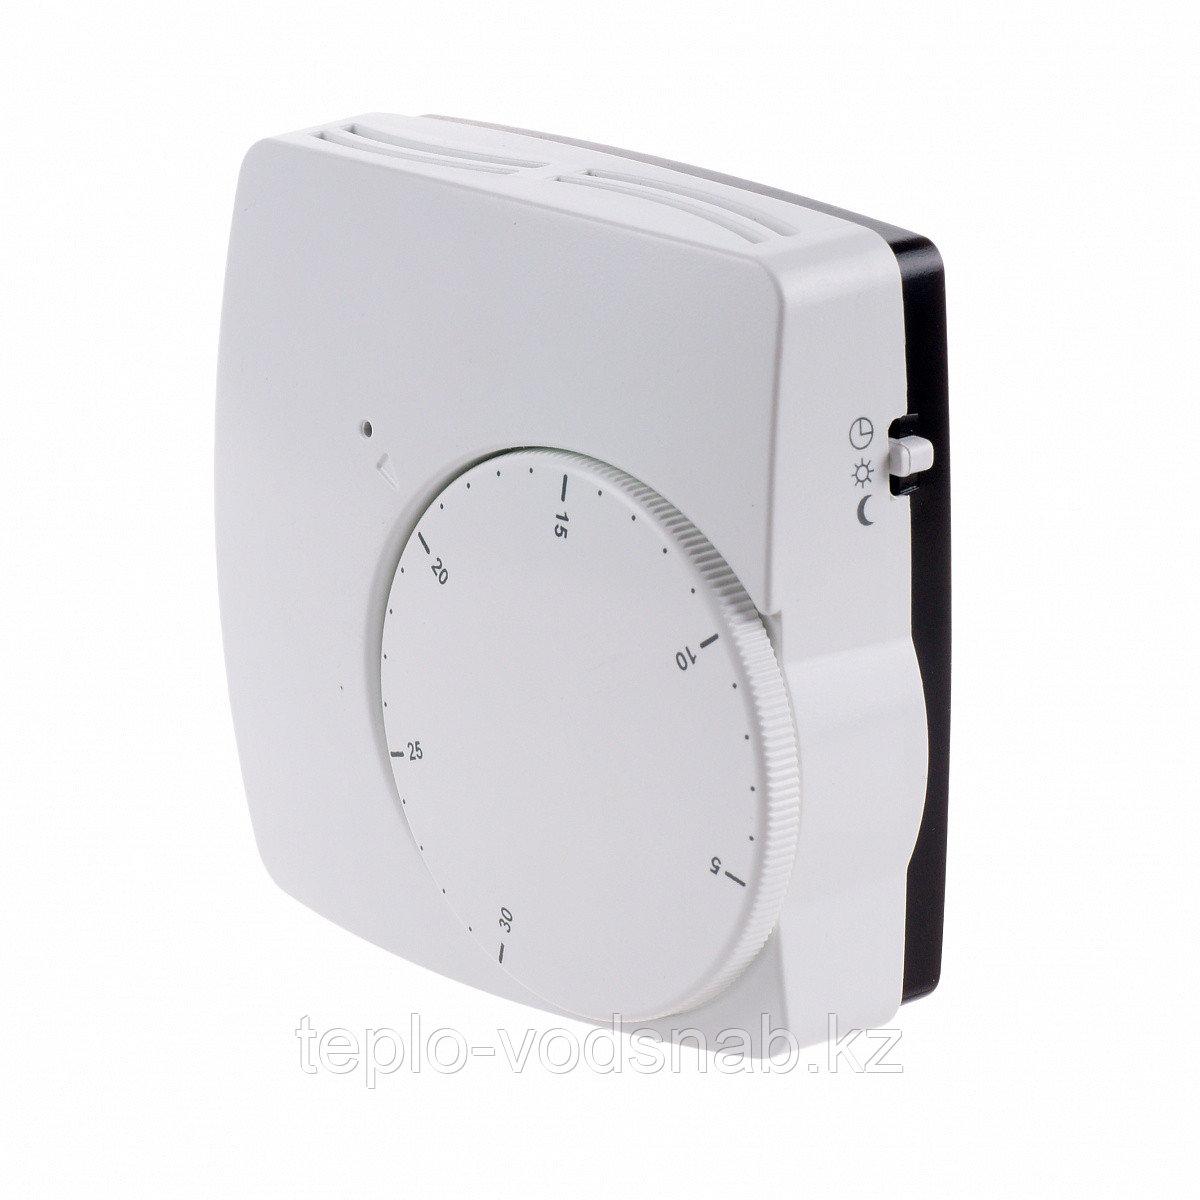 Термостат комнатный WFHT-BASIC